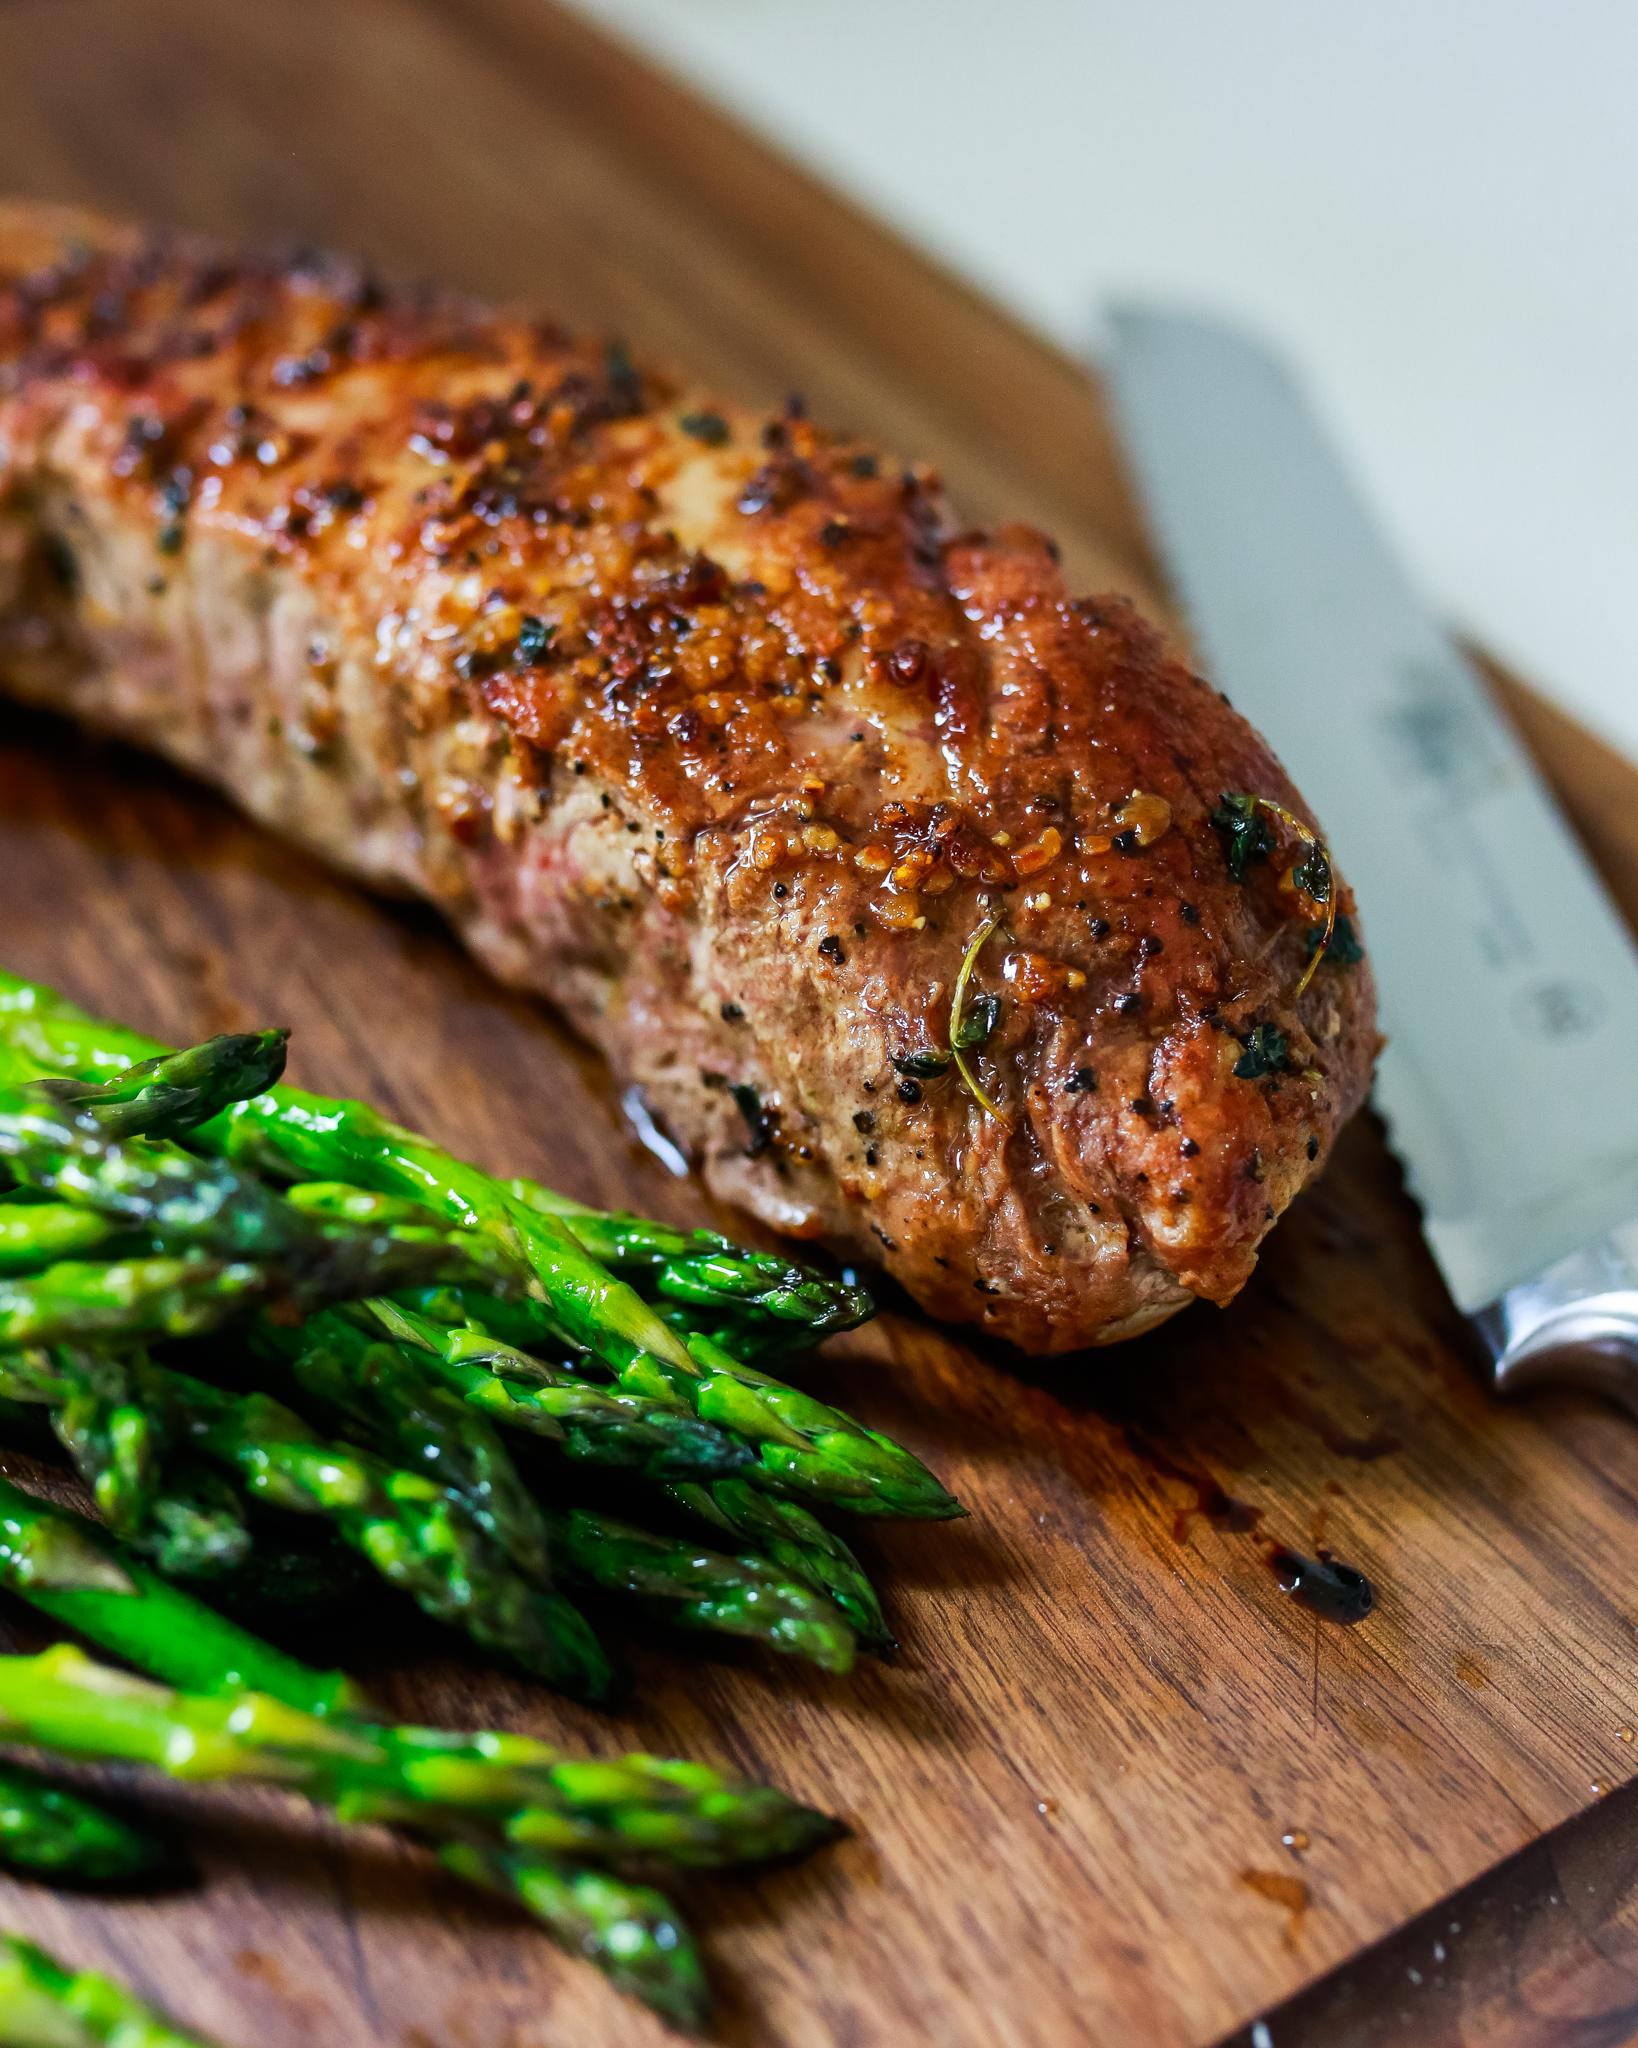 Super flavorful delicious pork tenderloin recipe